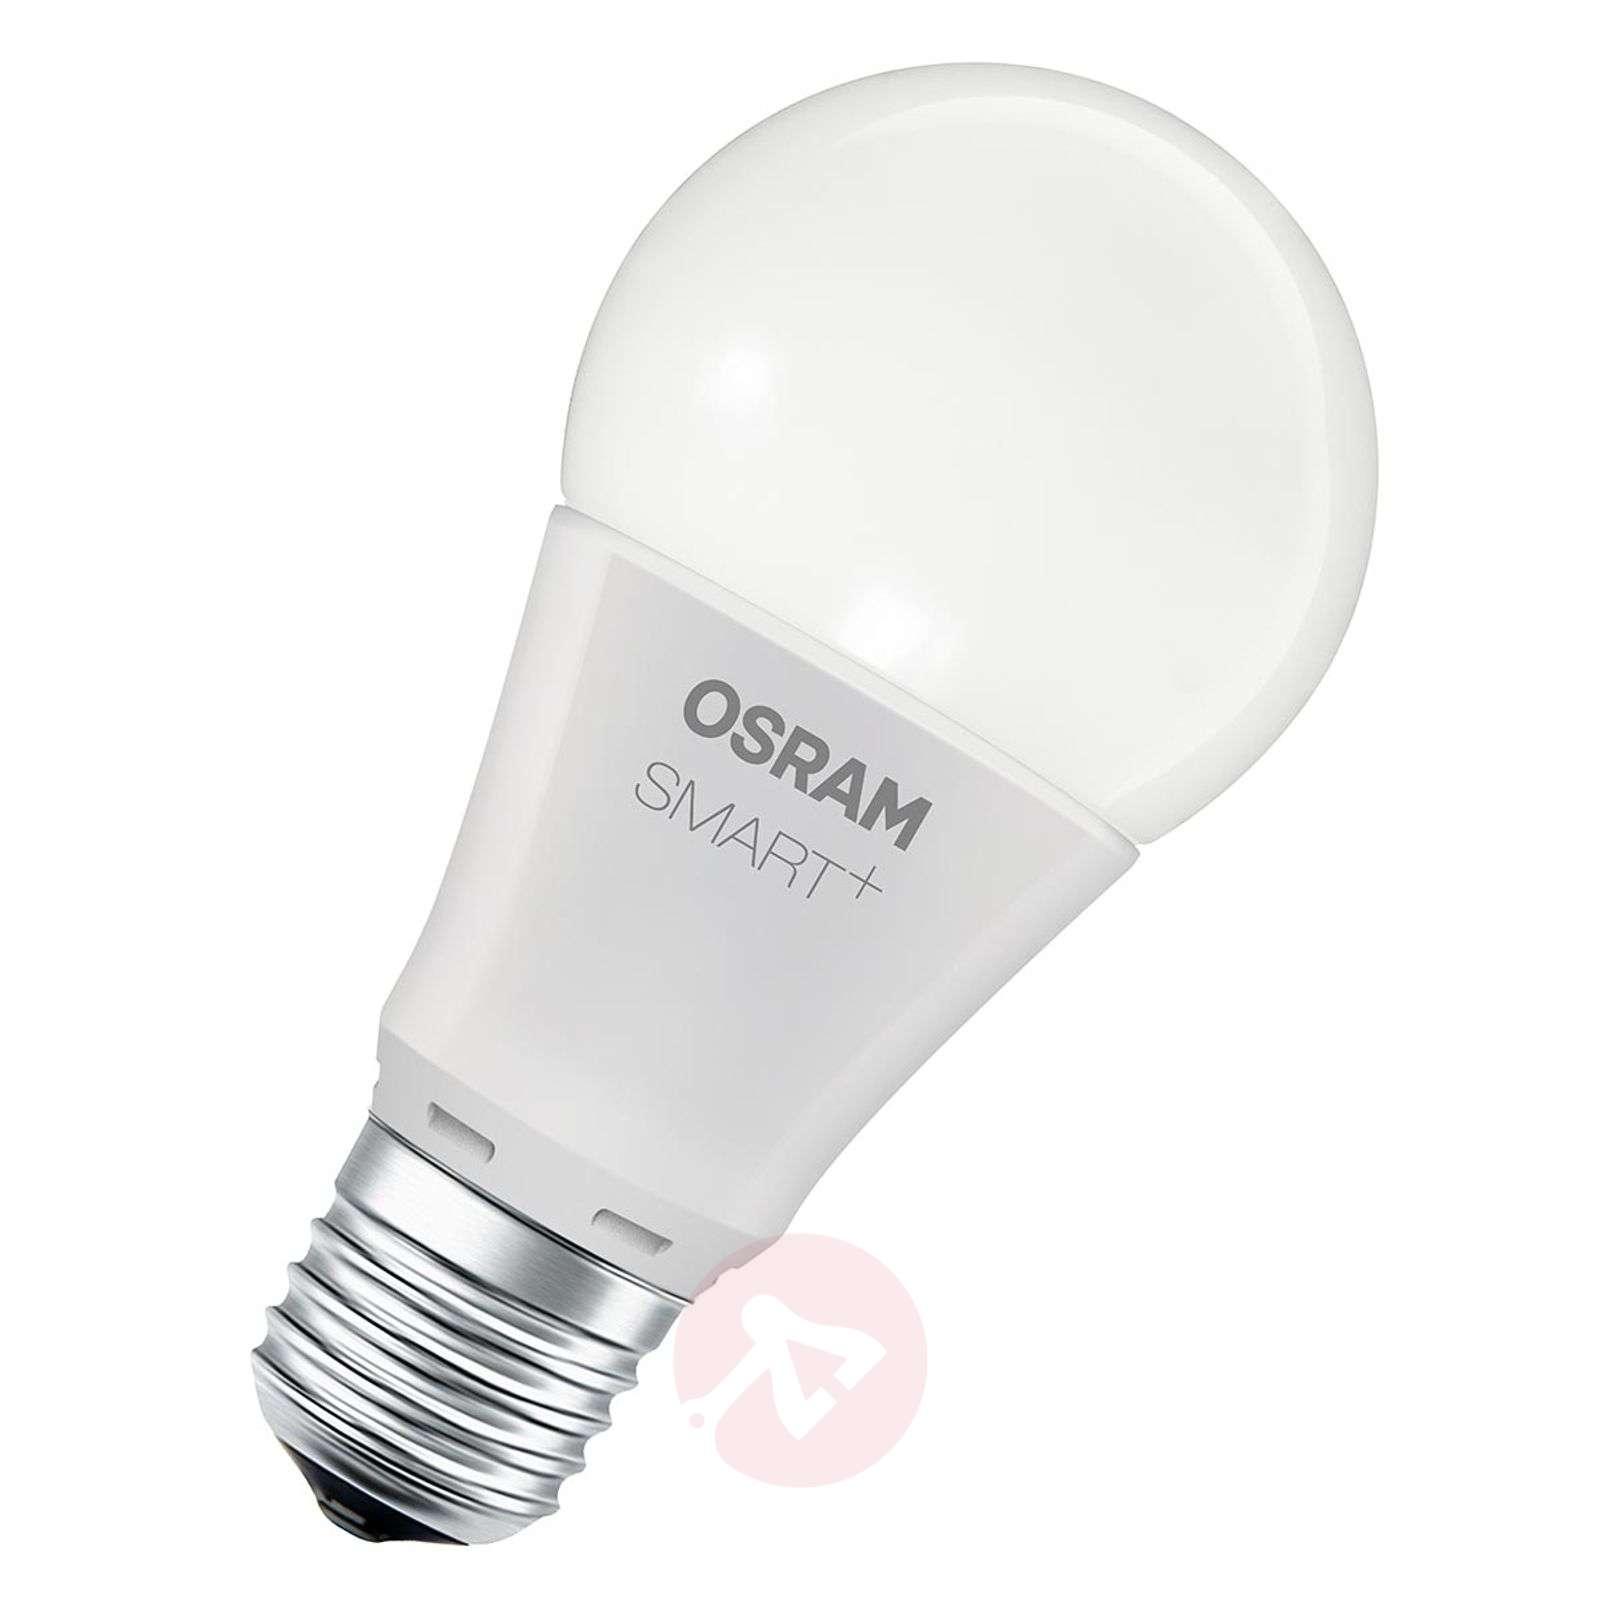 SMART+ LED E27 10W, RGBW, 800 lm, himmennettävä-7262121-01